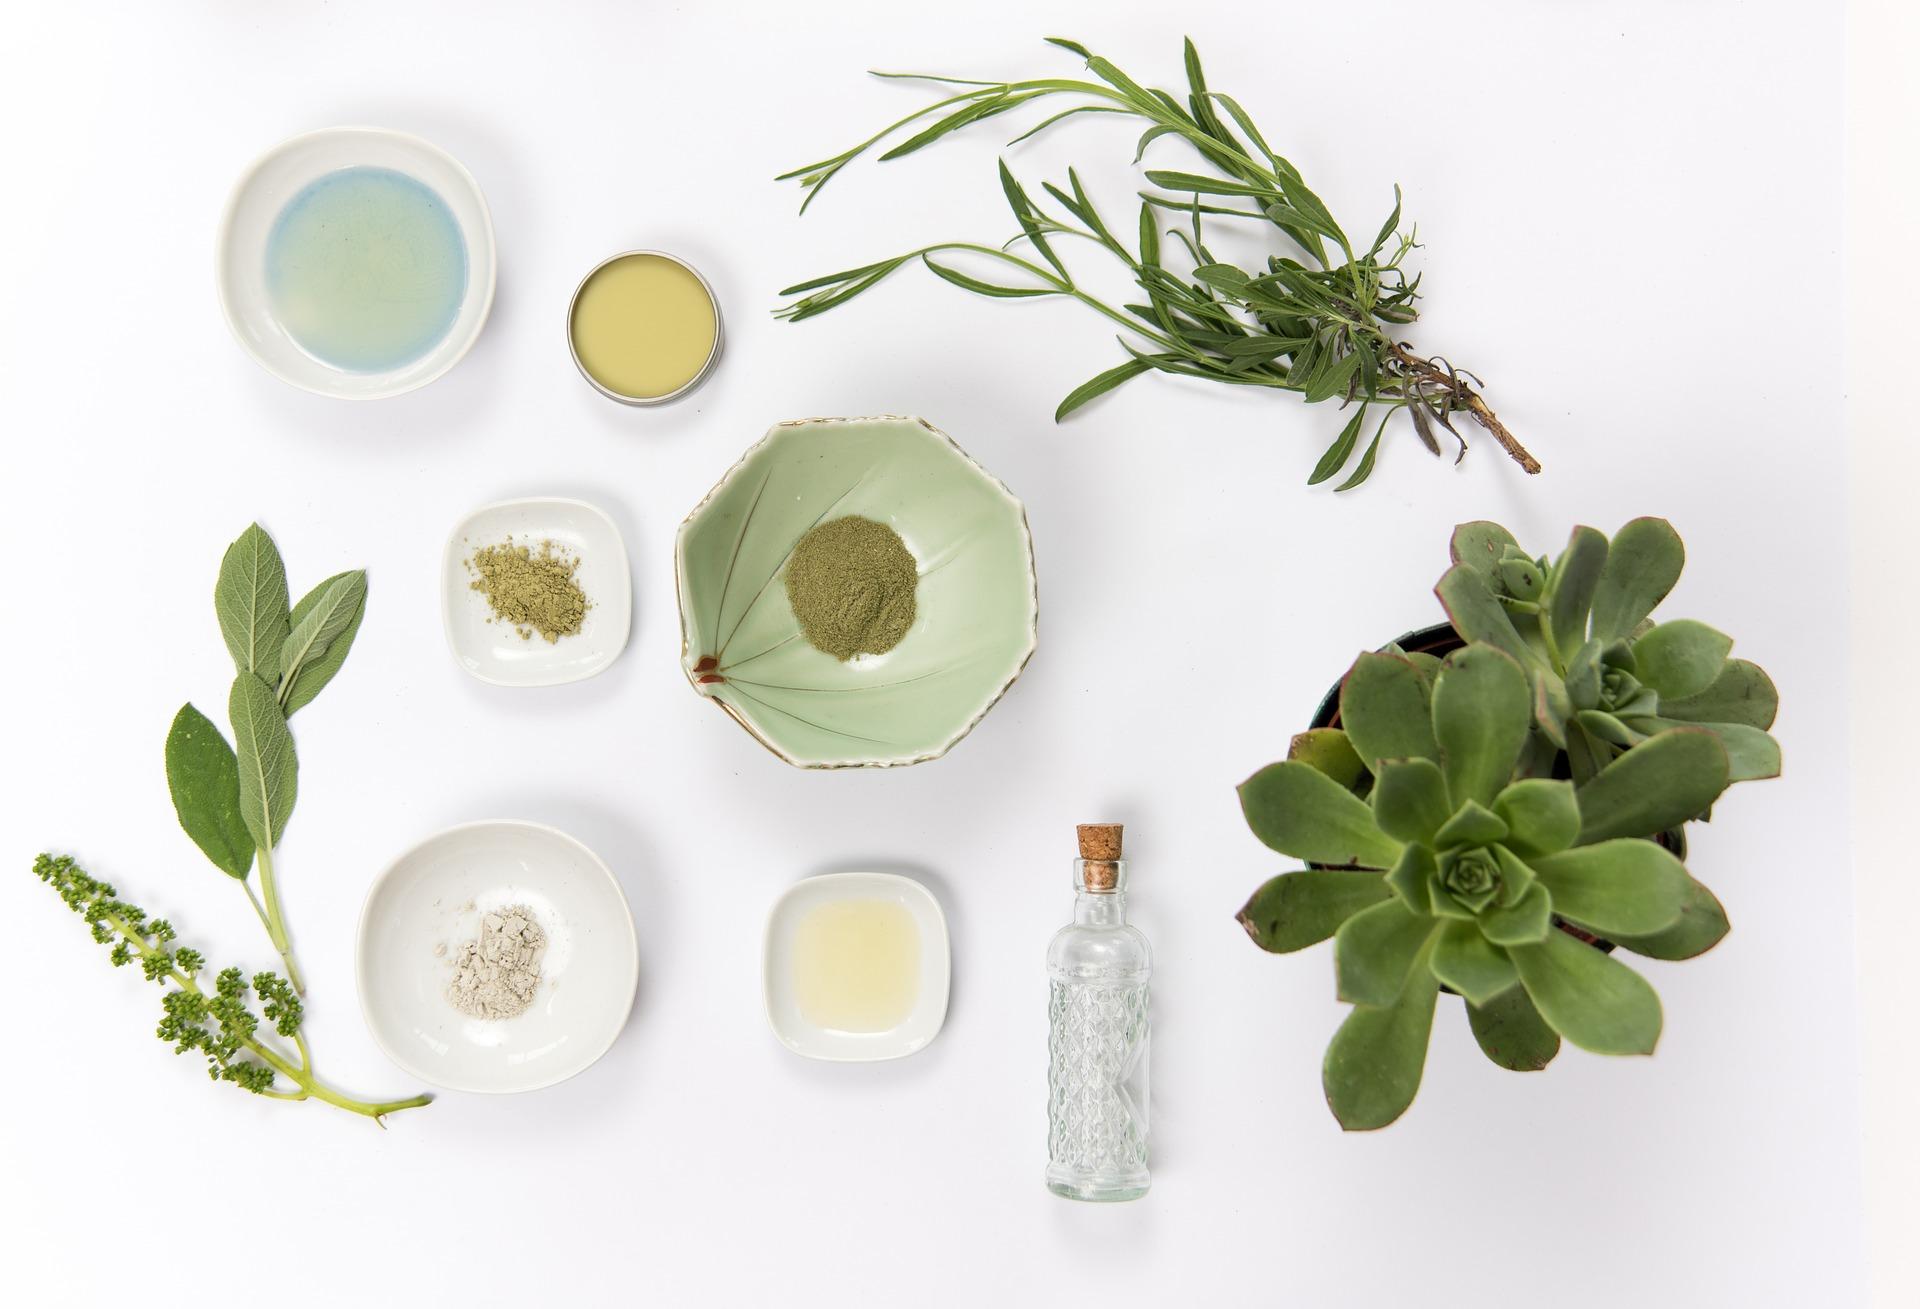 Warsztaty tworzenia naturalnych kosmetyków – 28 września, Gdynia